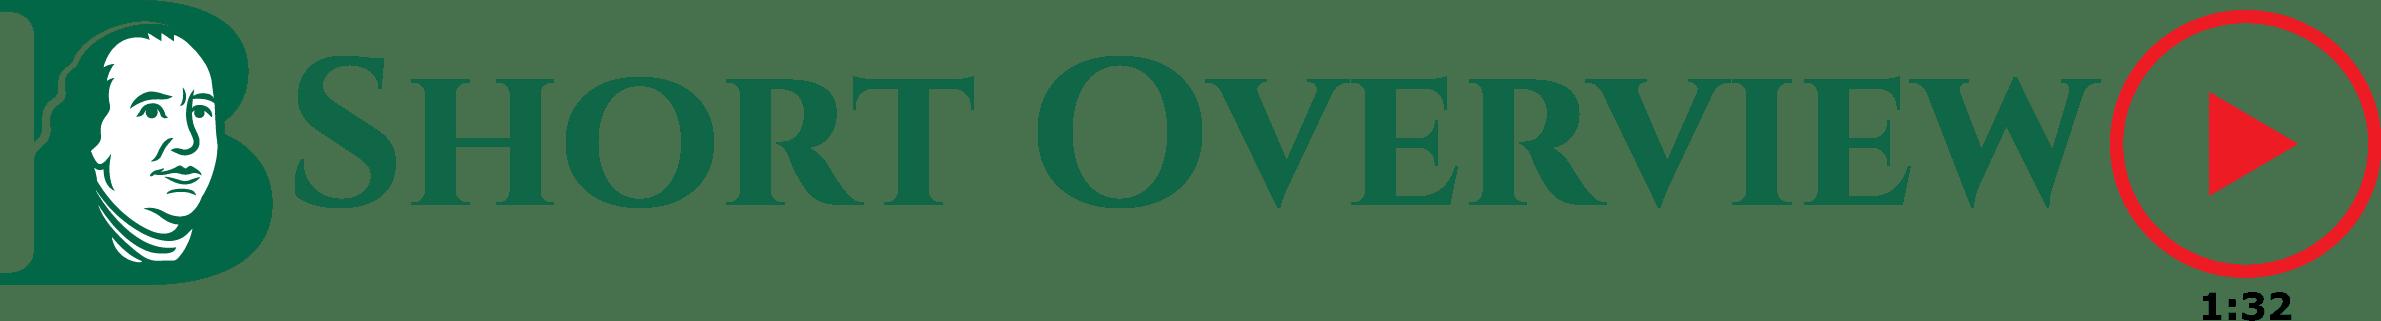 ShortOV-new